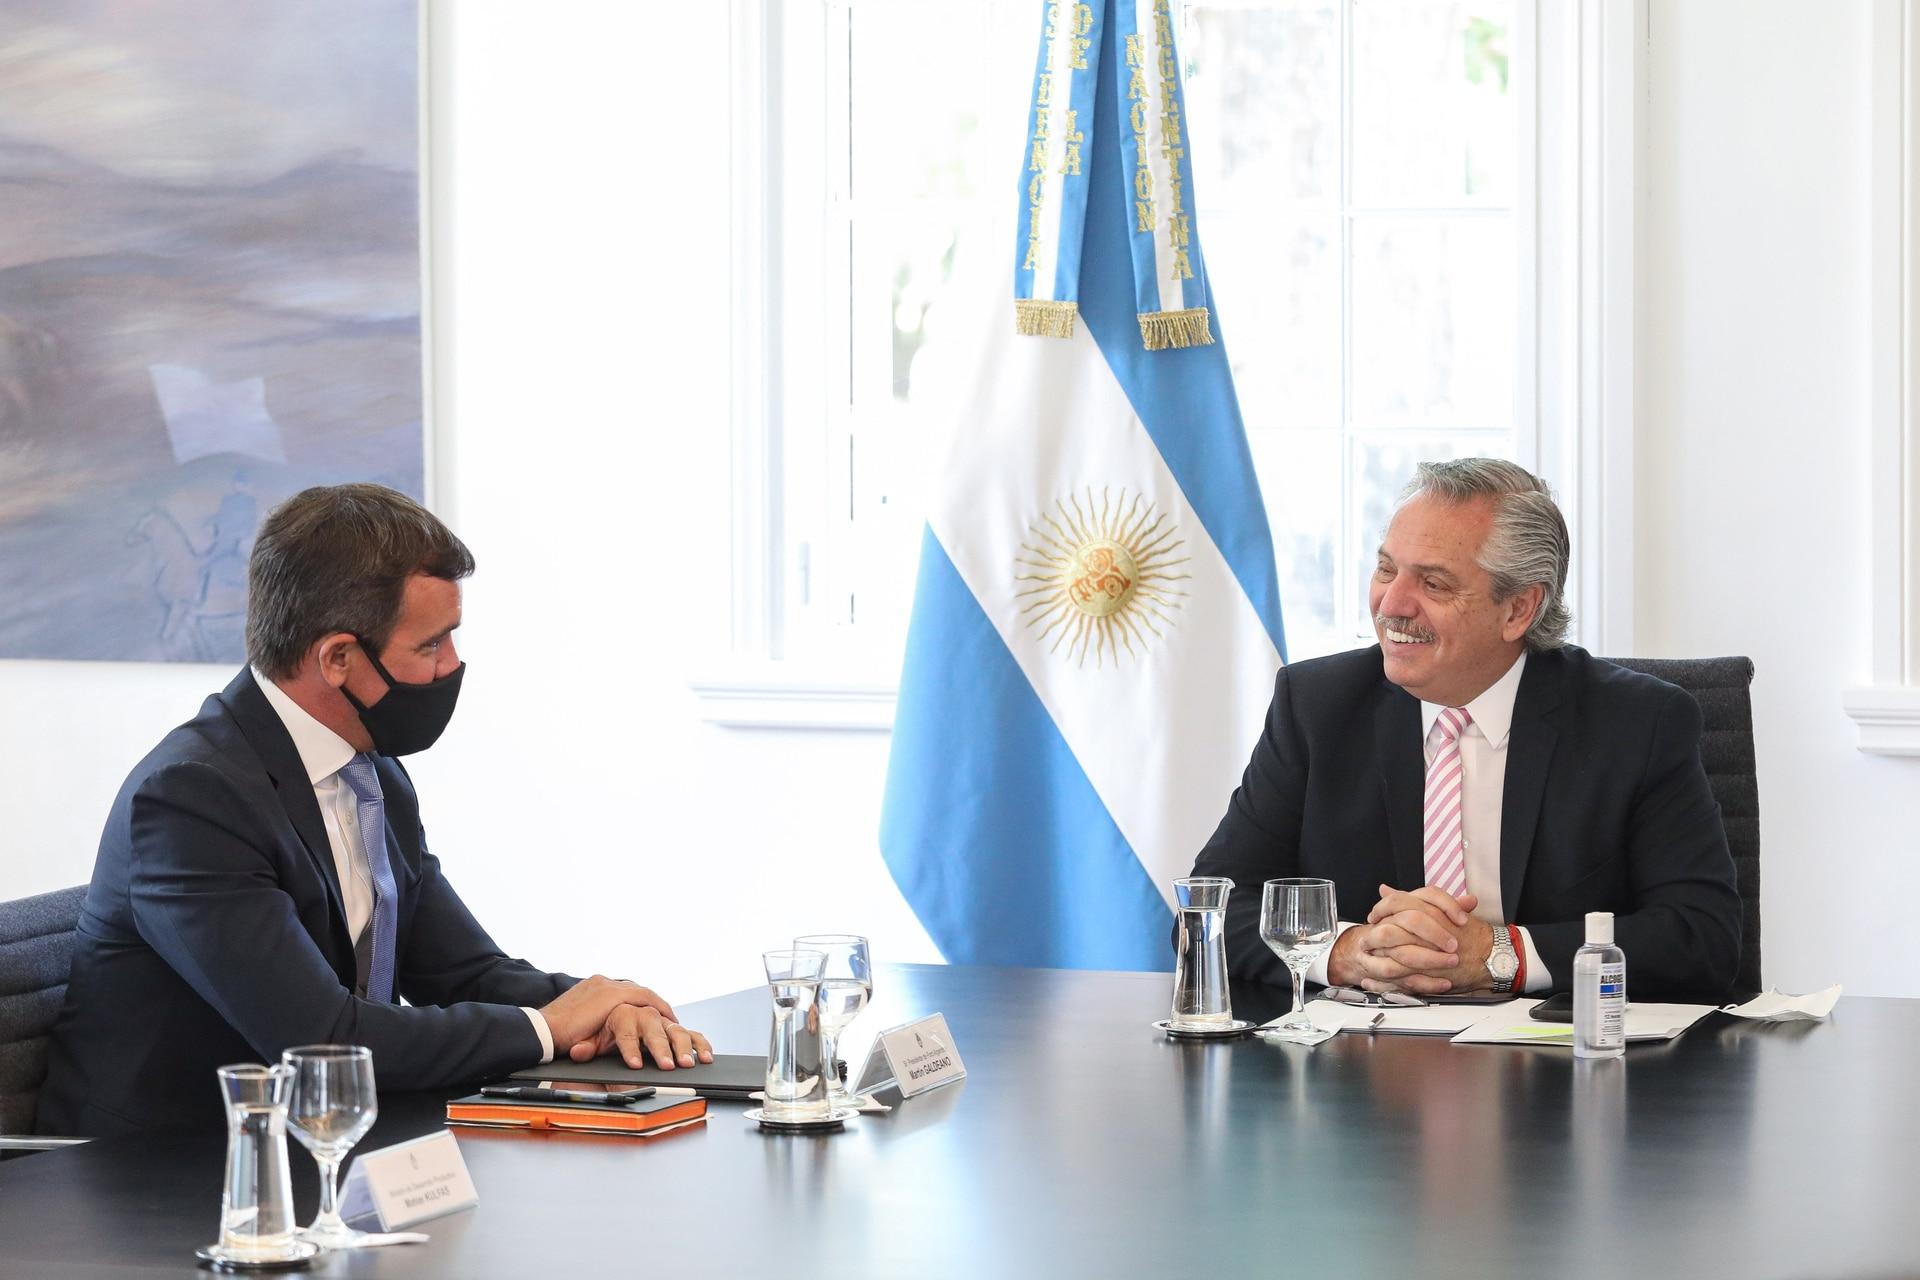 El presidente de Ford, Martín Galdeano, le anunció a Alberto Fernández la inversión por US$580 millones que está haciendo la automotriz en la Argentina